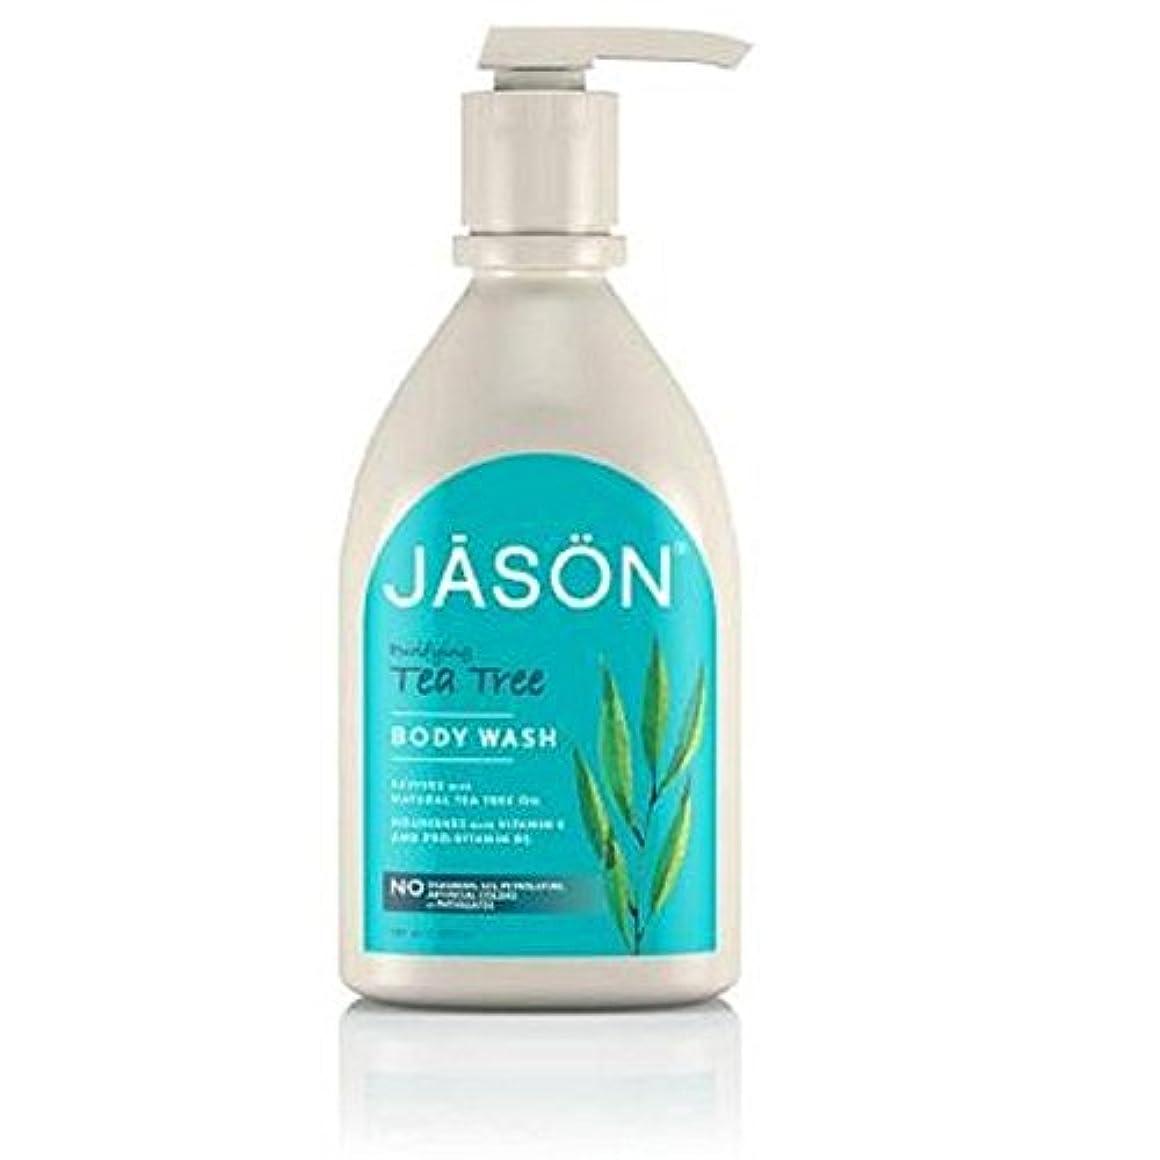 許可だます脈拍ジェイソン?ティーツリーサテンボディウォッシュポンプ900ミリリットル x4 - Jason Tea Tree Satin Body Wash Pump 900ml (Pack of 4) [並行輸入品]